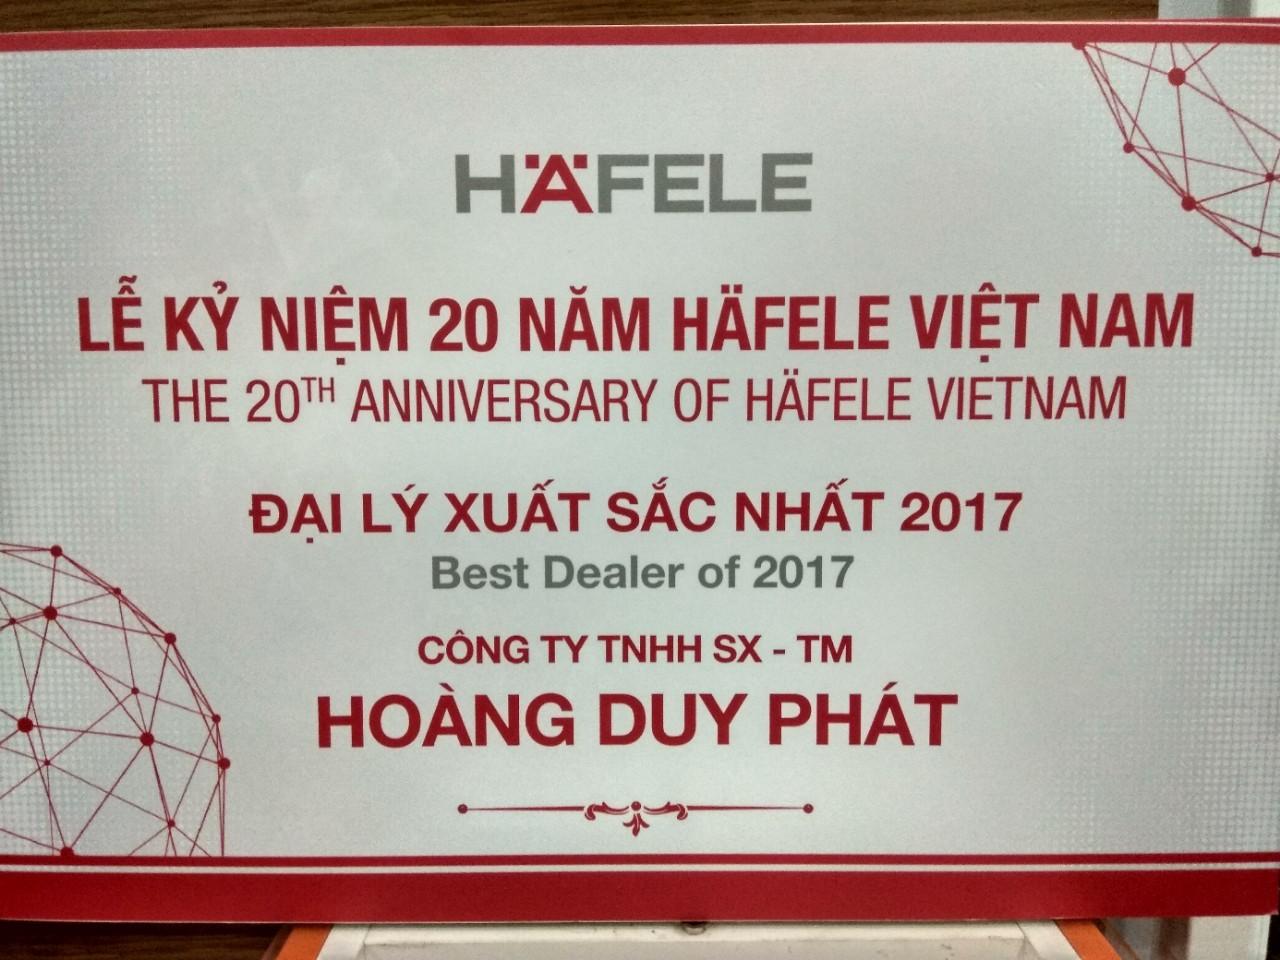 đại lý hafele xuất sắc 2017